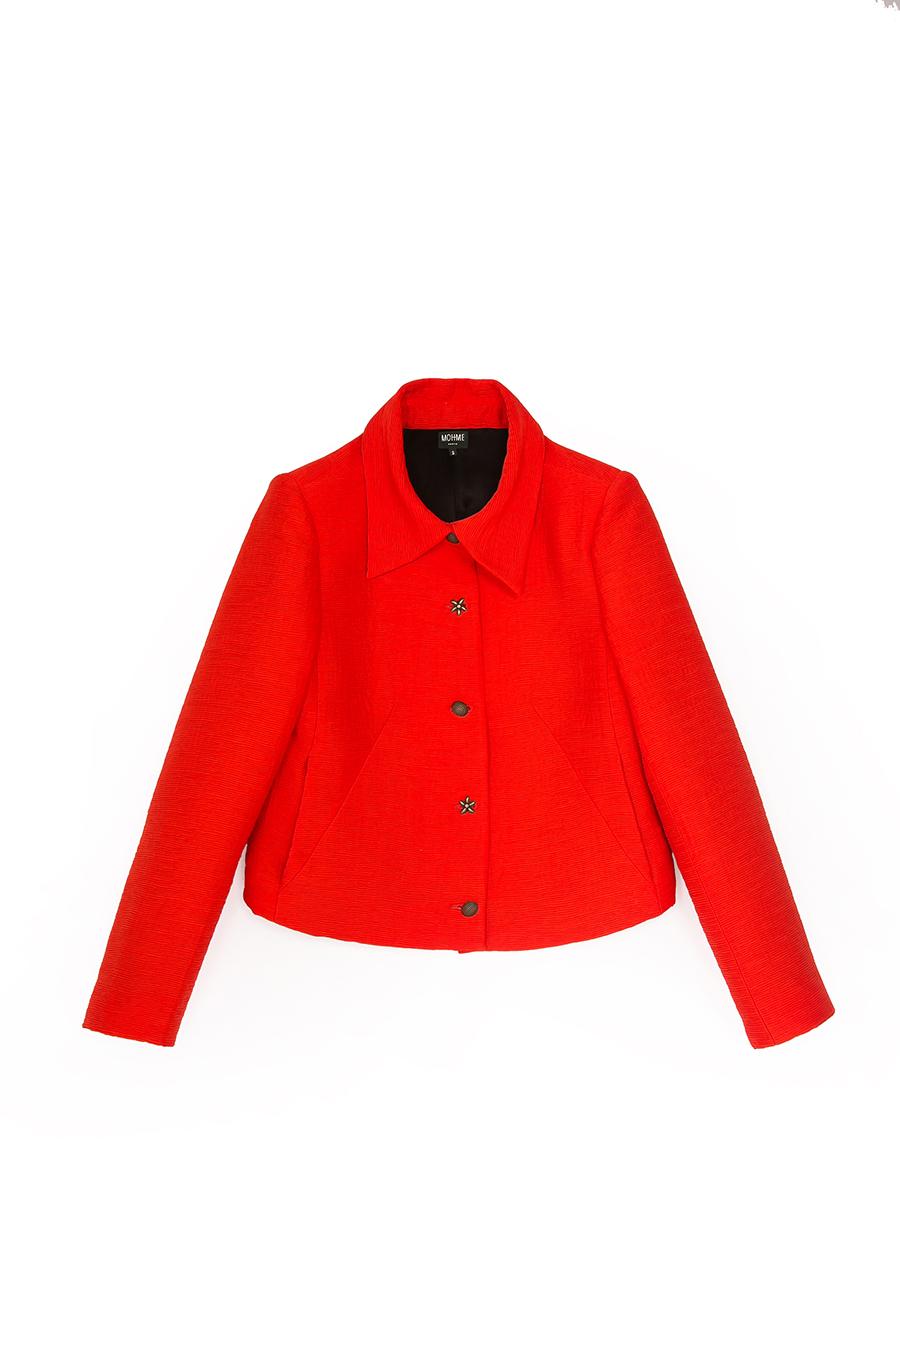 TEA jacket